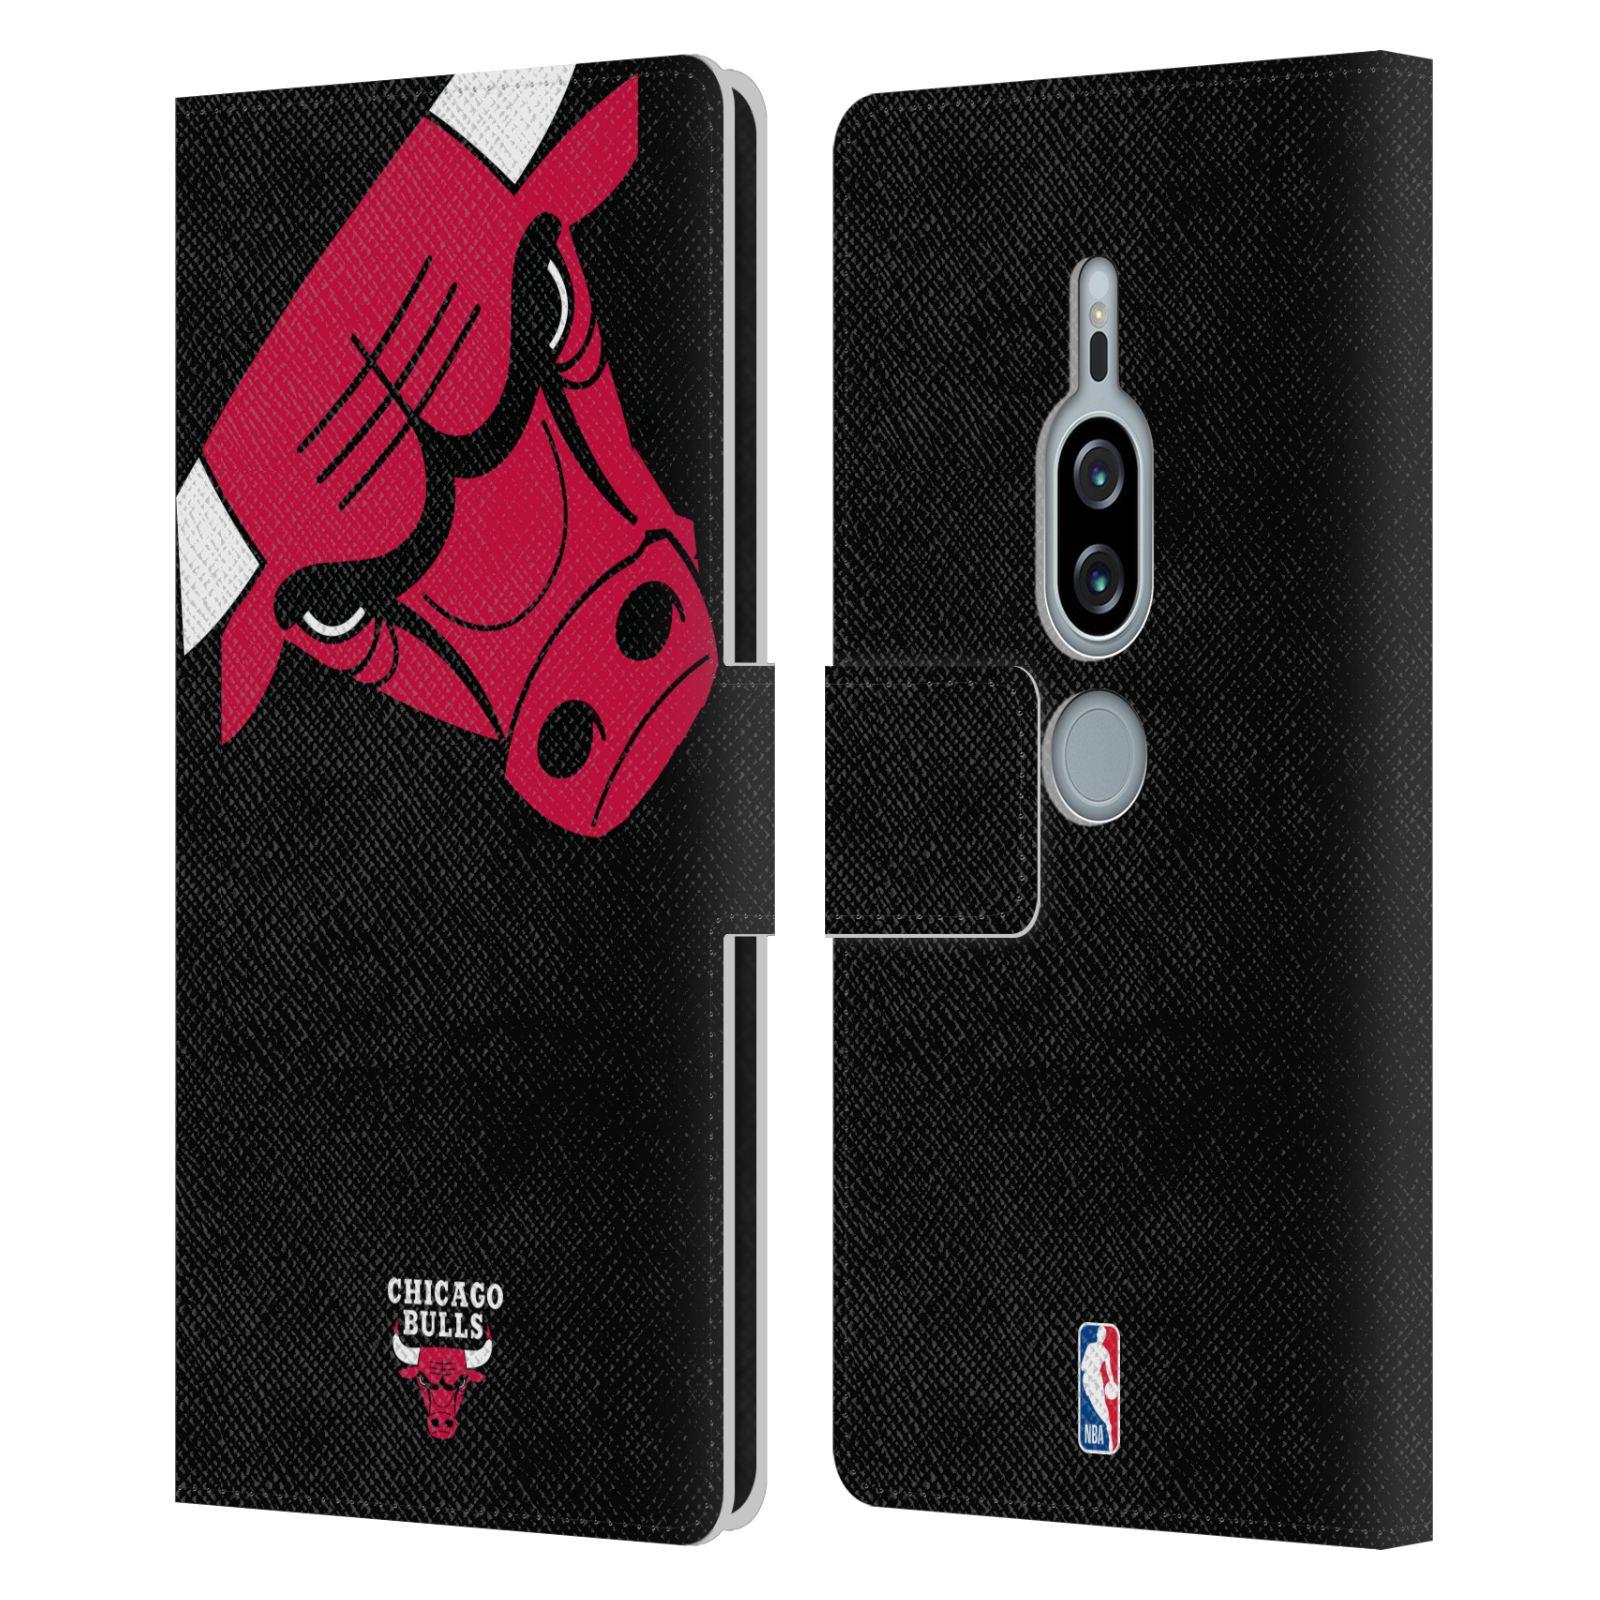 Pouzdro na mobil Sony Xperia XZ2 Premium - Head Case -NBA - Chicago Bulls červená barva velký znak